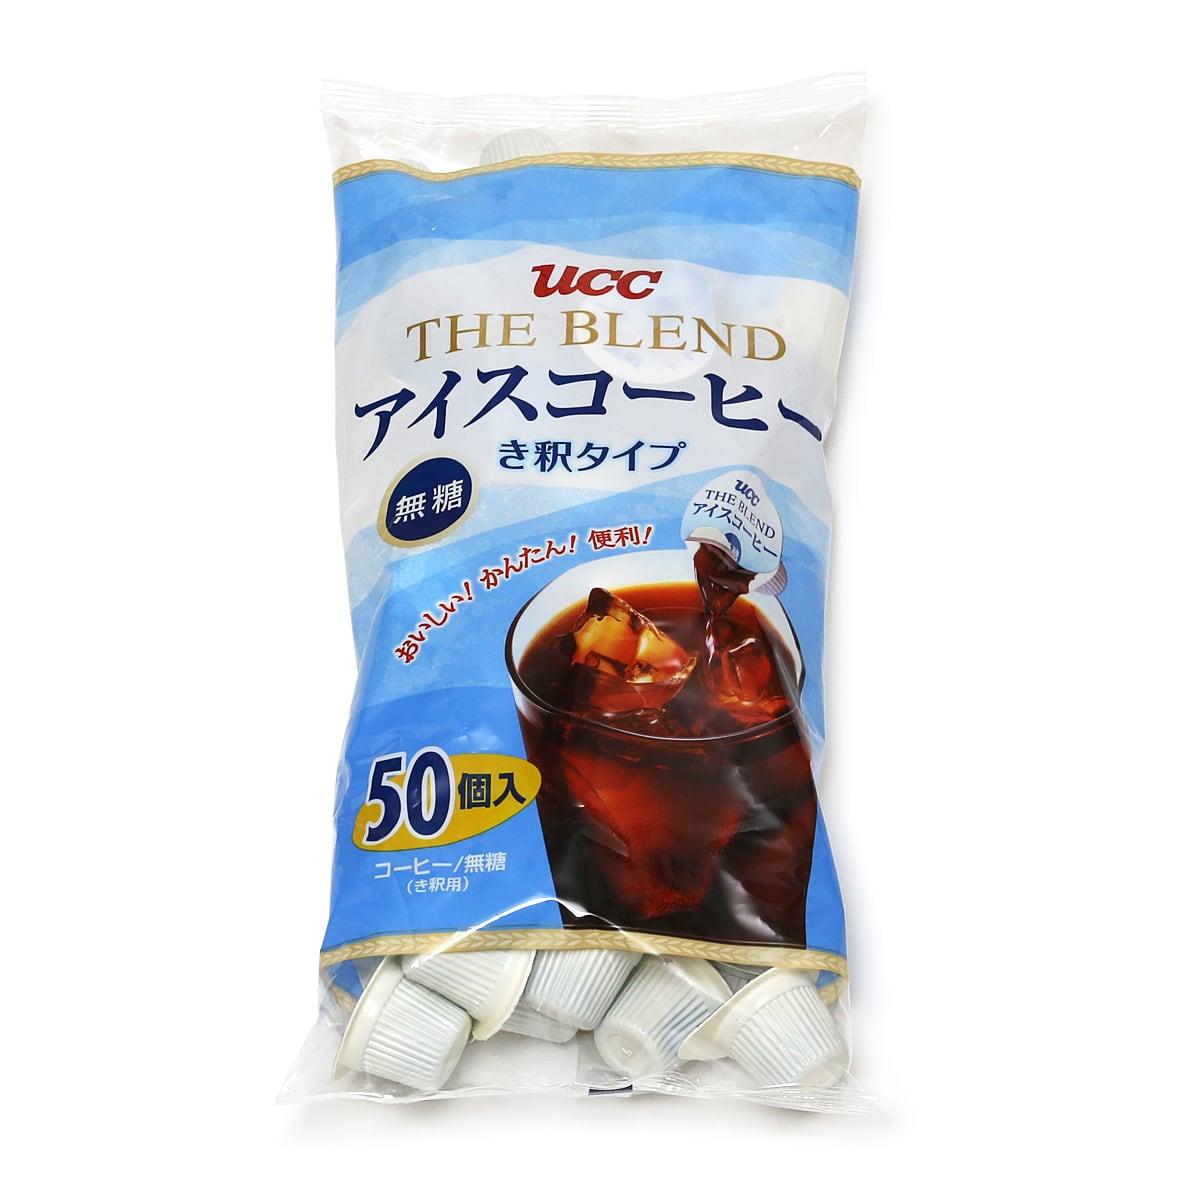 UCCブレンド アイスコーヒー き釈タイプ